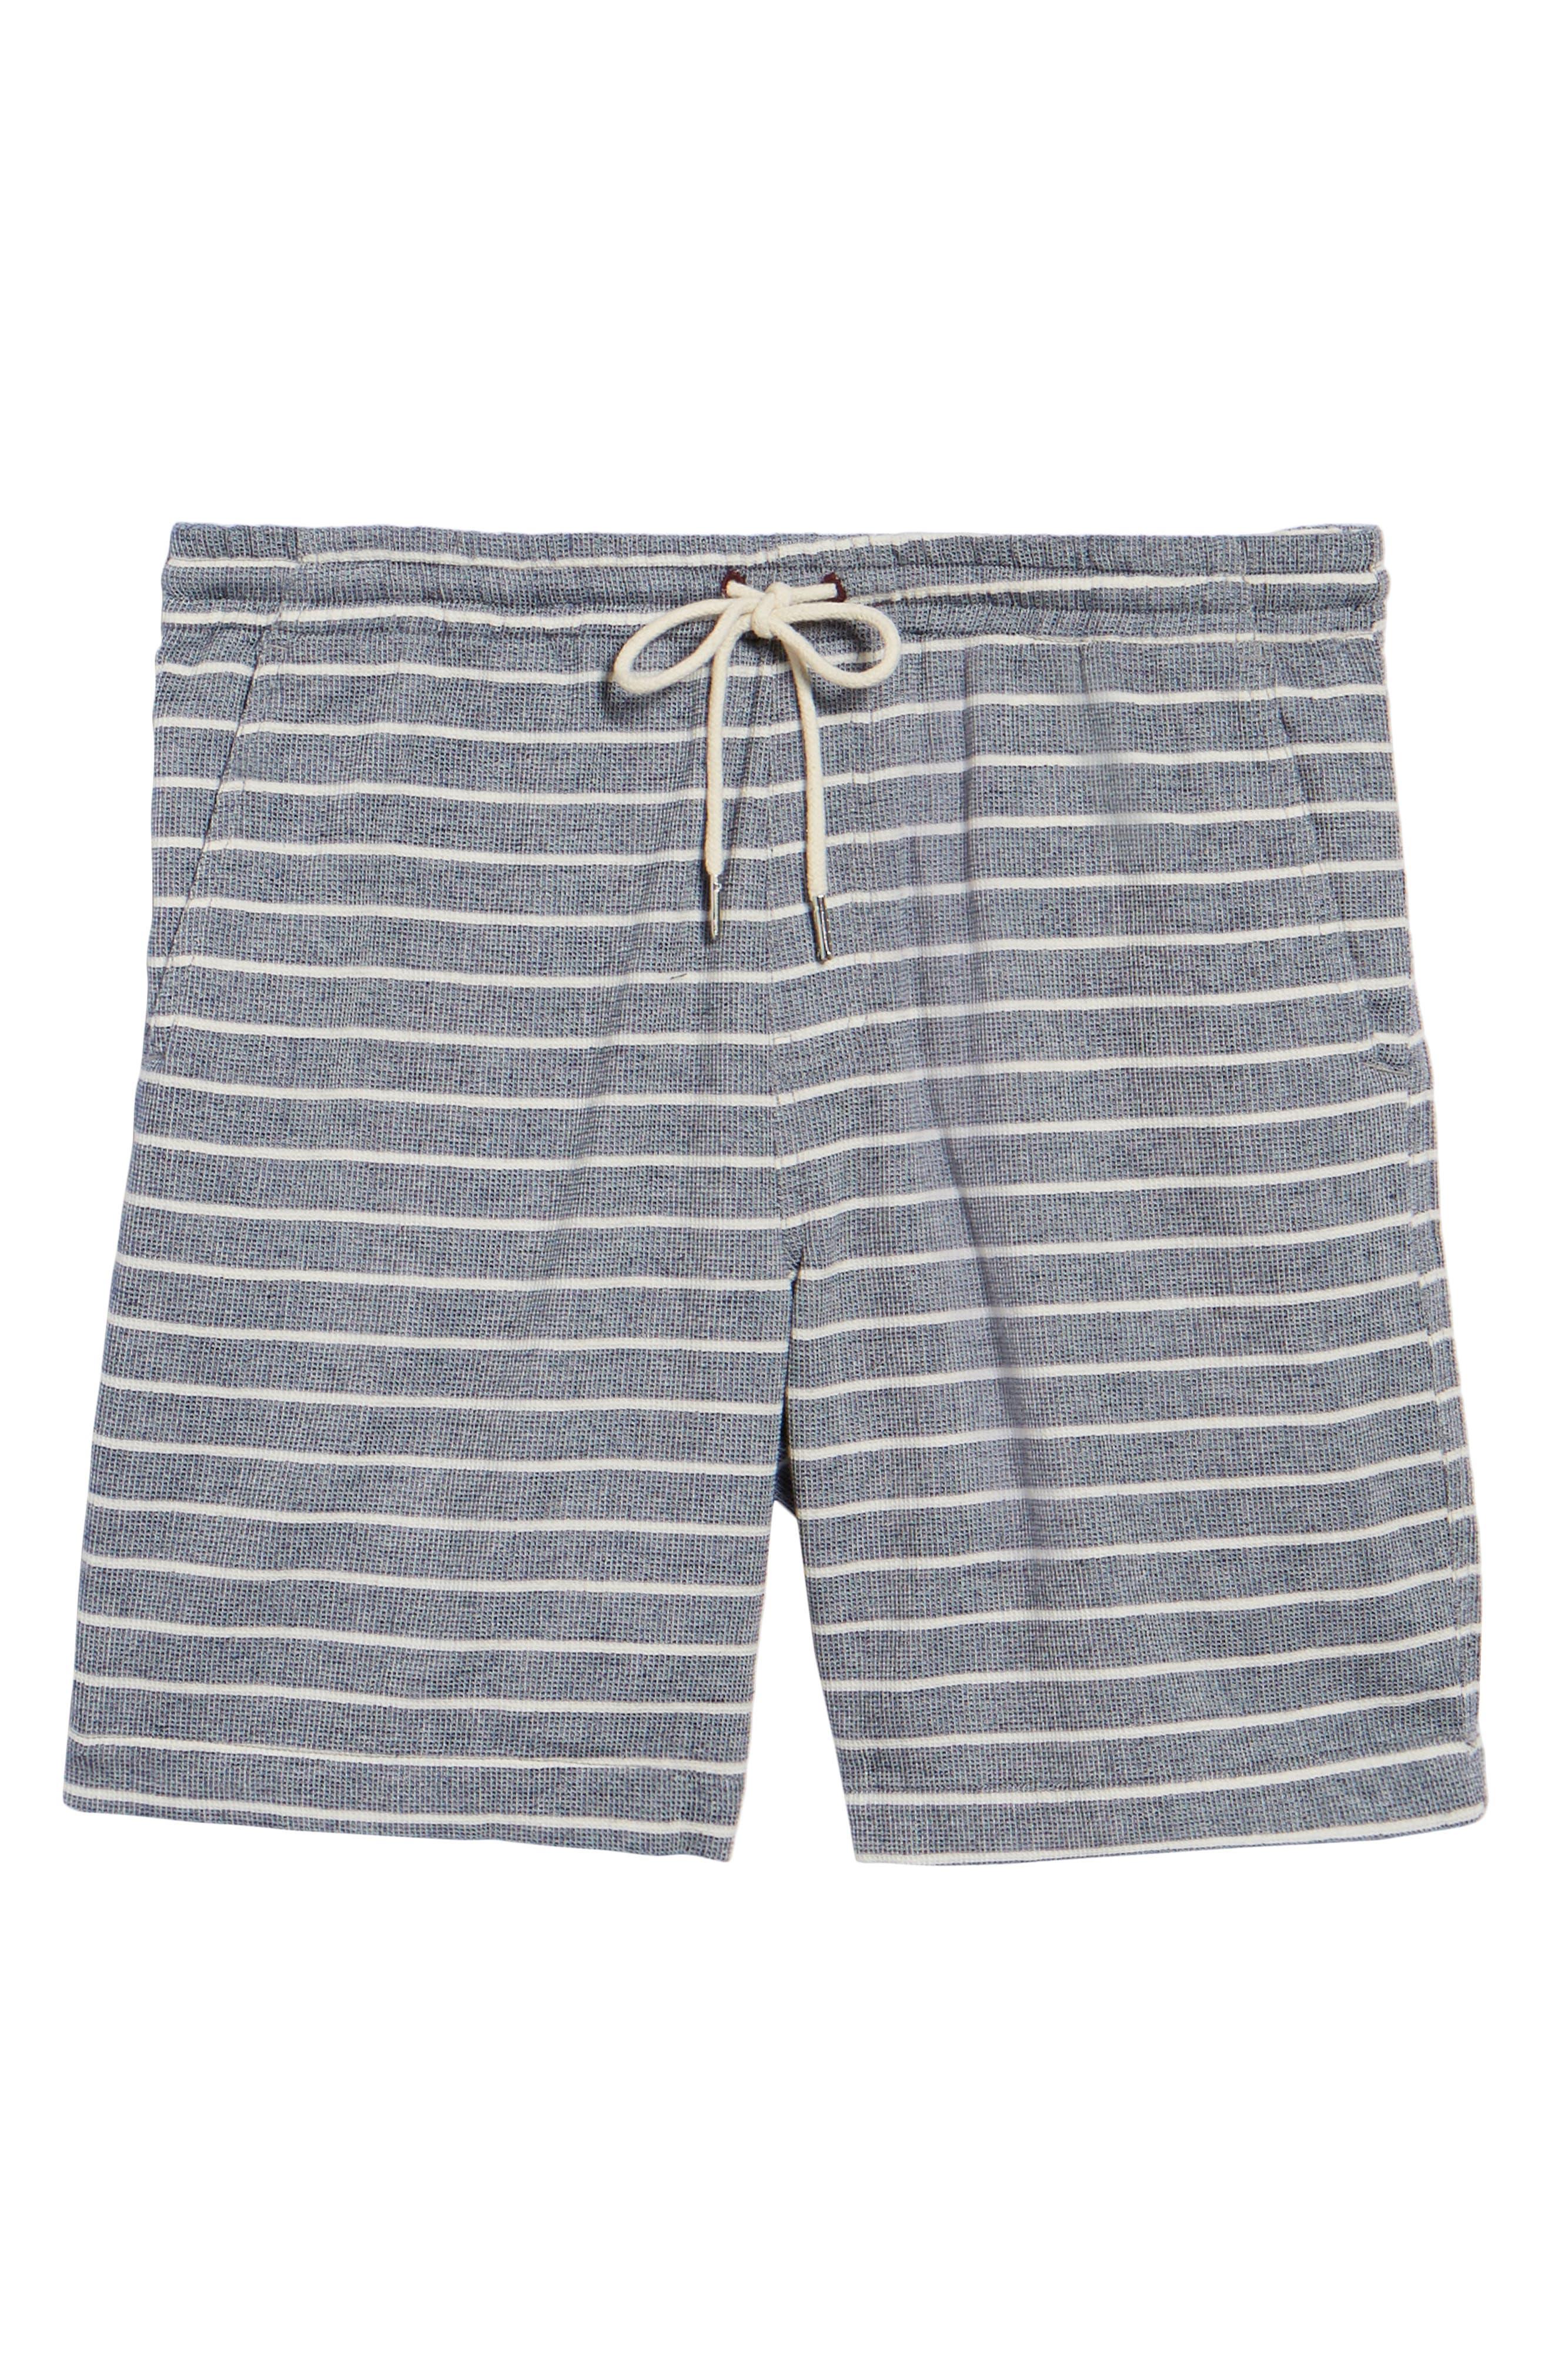 Steve Stripe Pull-On Shorts,                             Alternate thumbnail 6, color,                             BLUE / WHITE